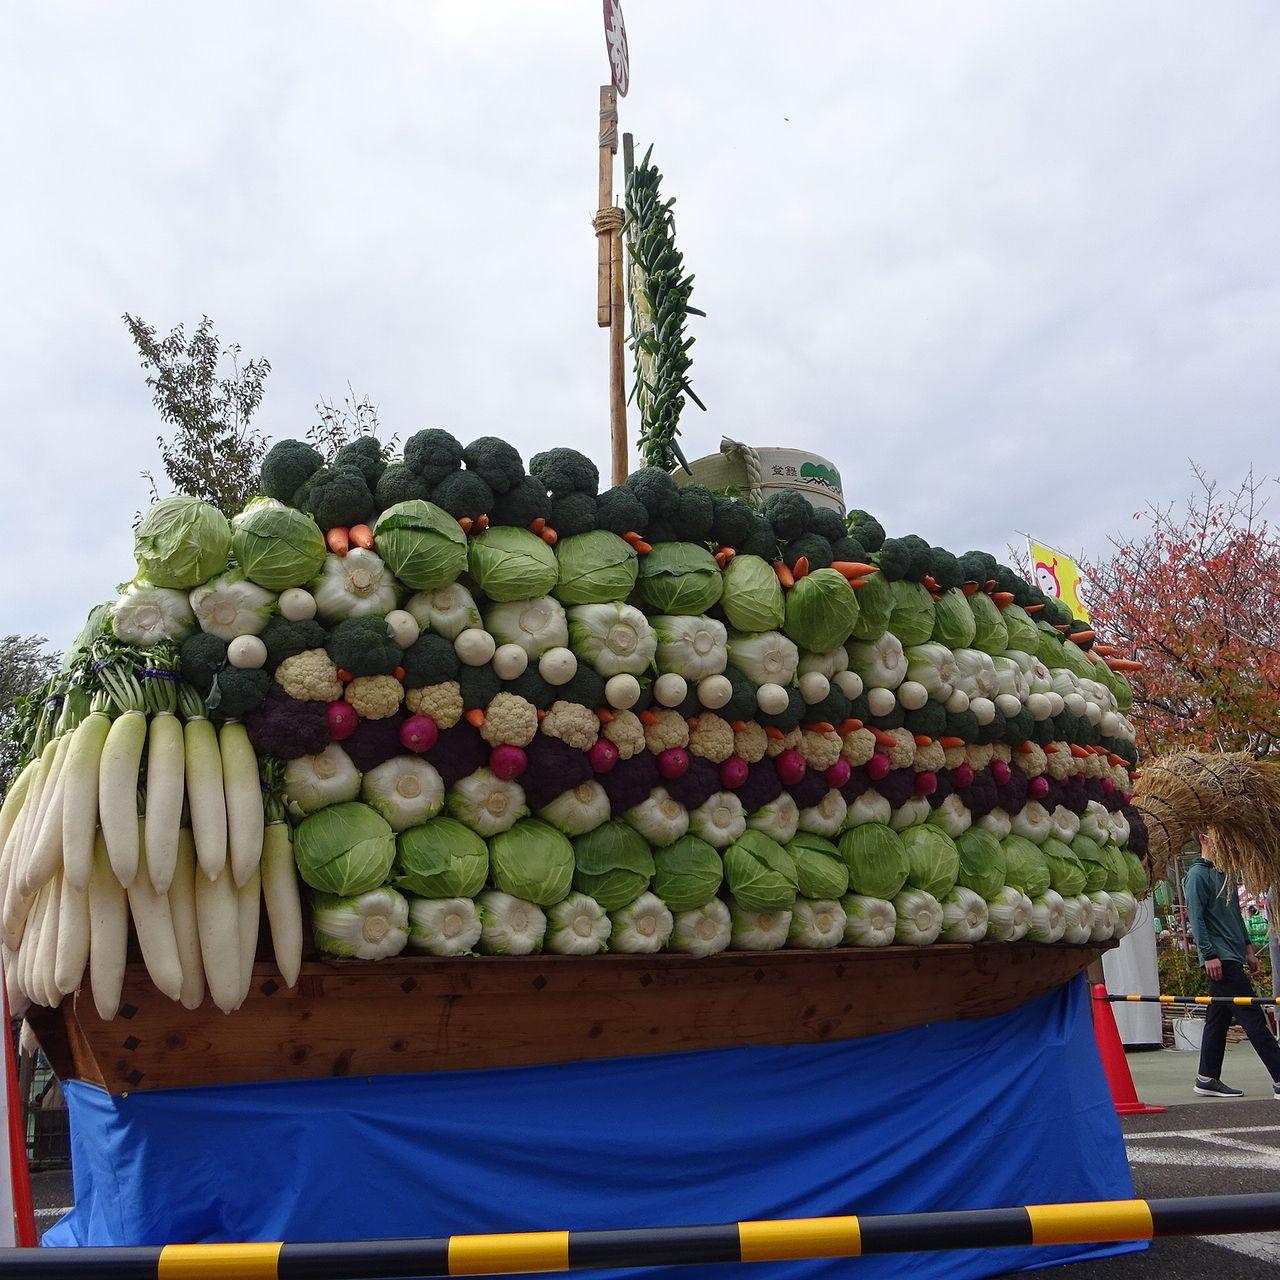 農業コーナー入口の立派な野菜の宝船